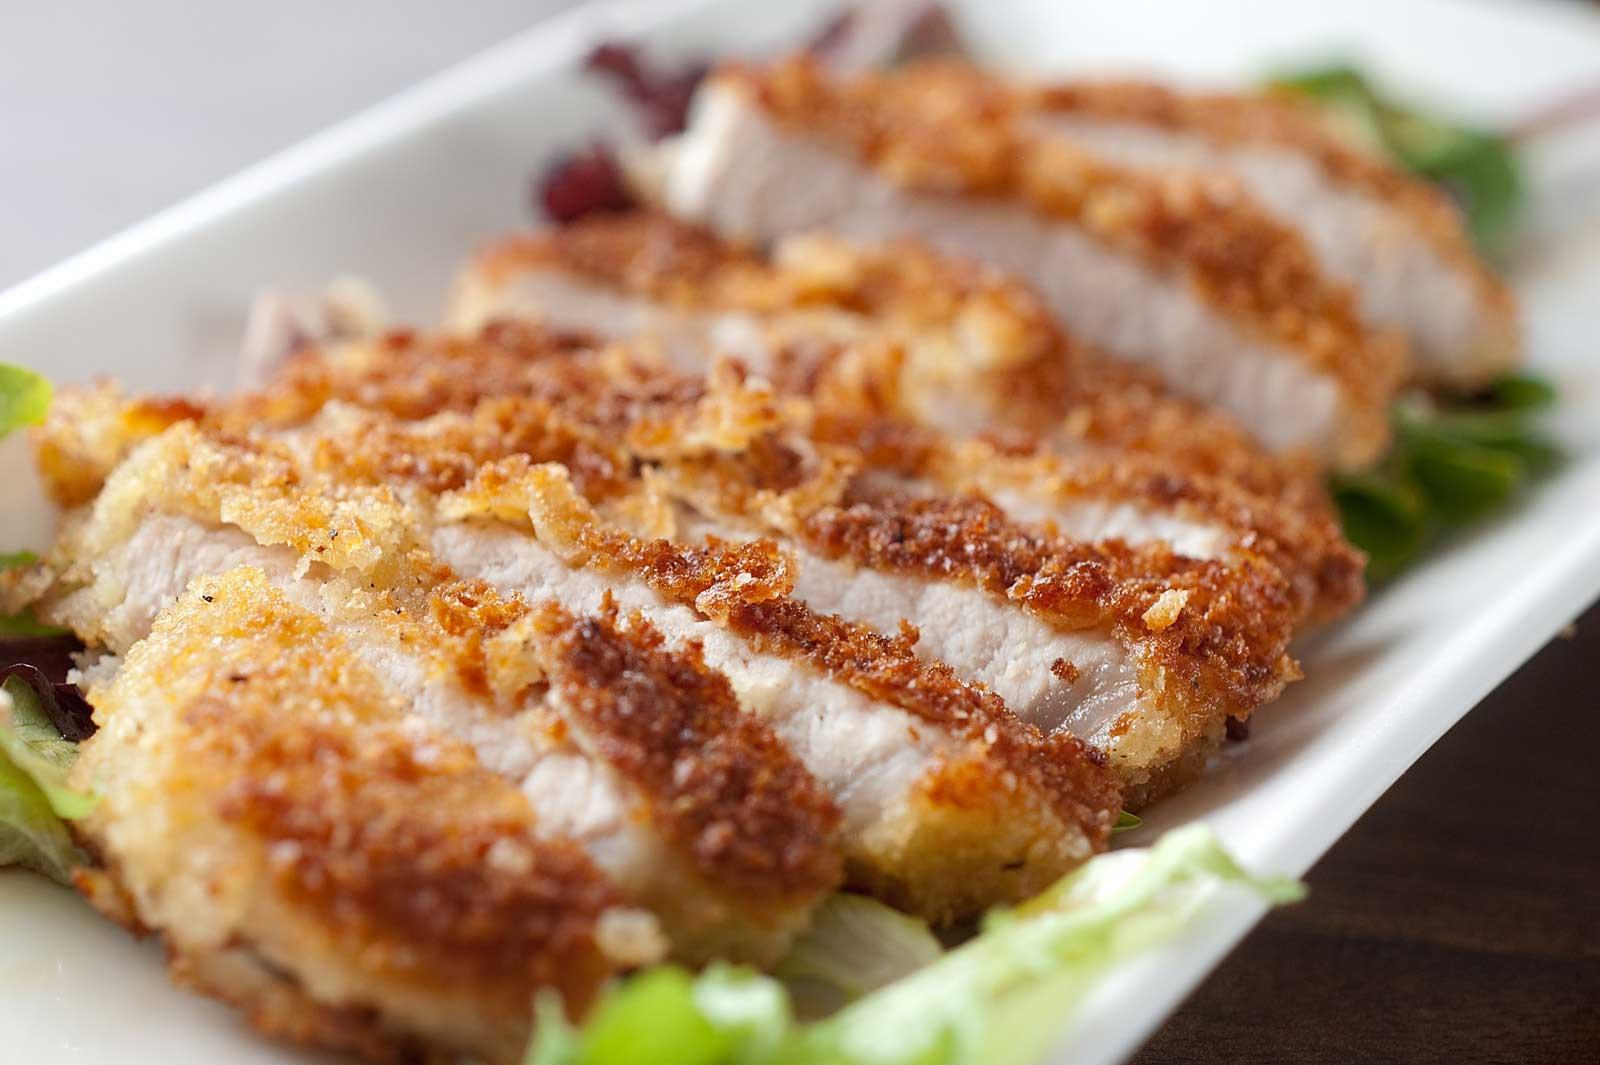 aware u fegits on tonkatsu (HNNG FOOD) (PICS) (CUTTERS BEWARE UR ...